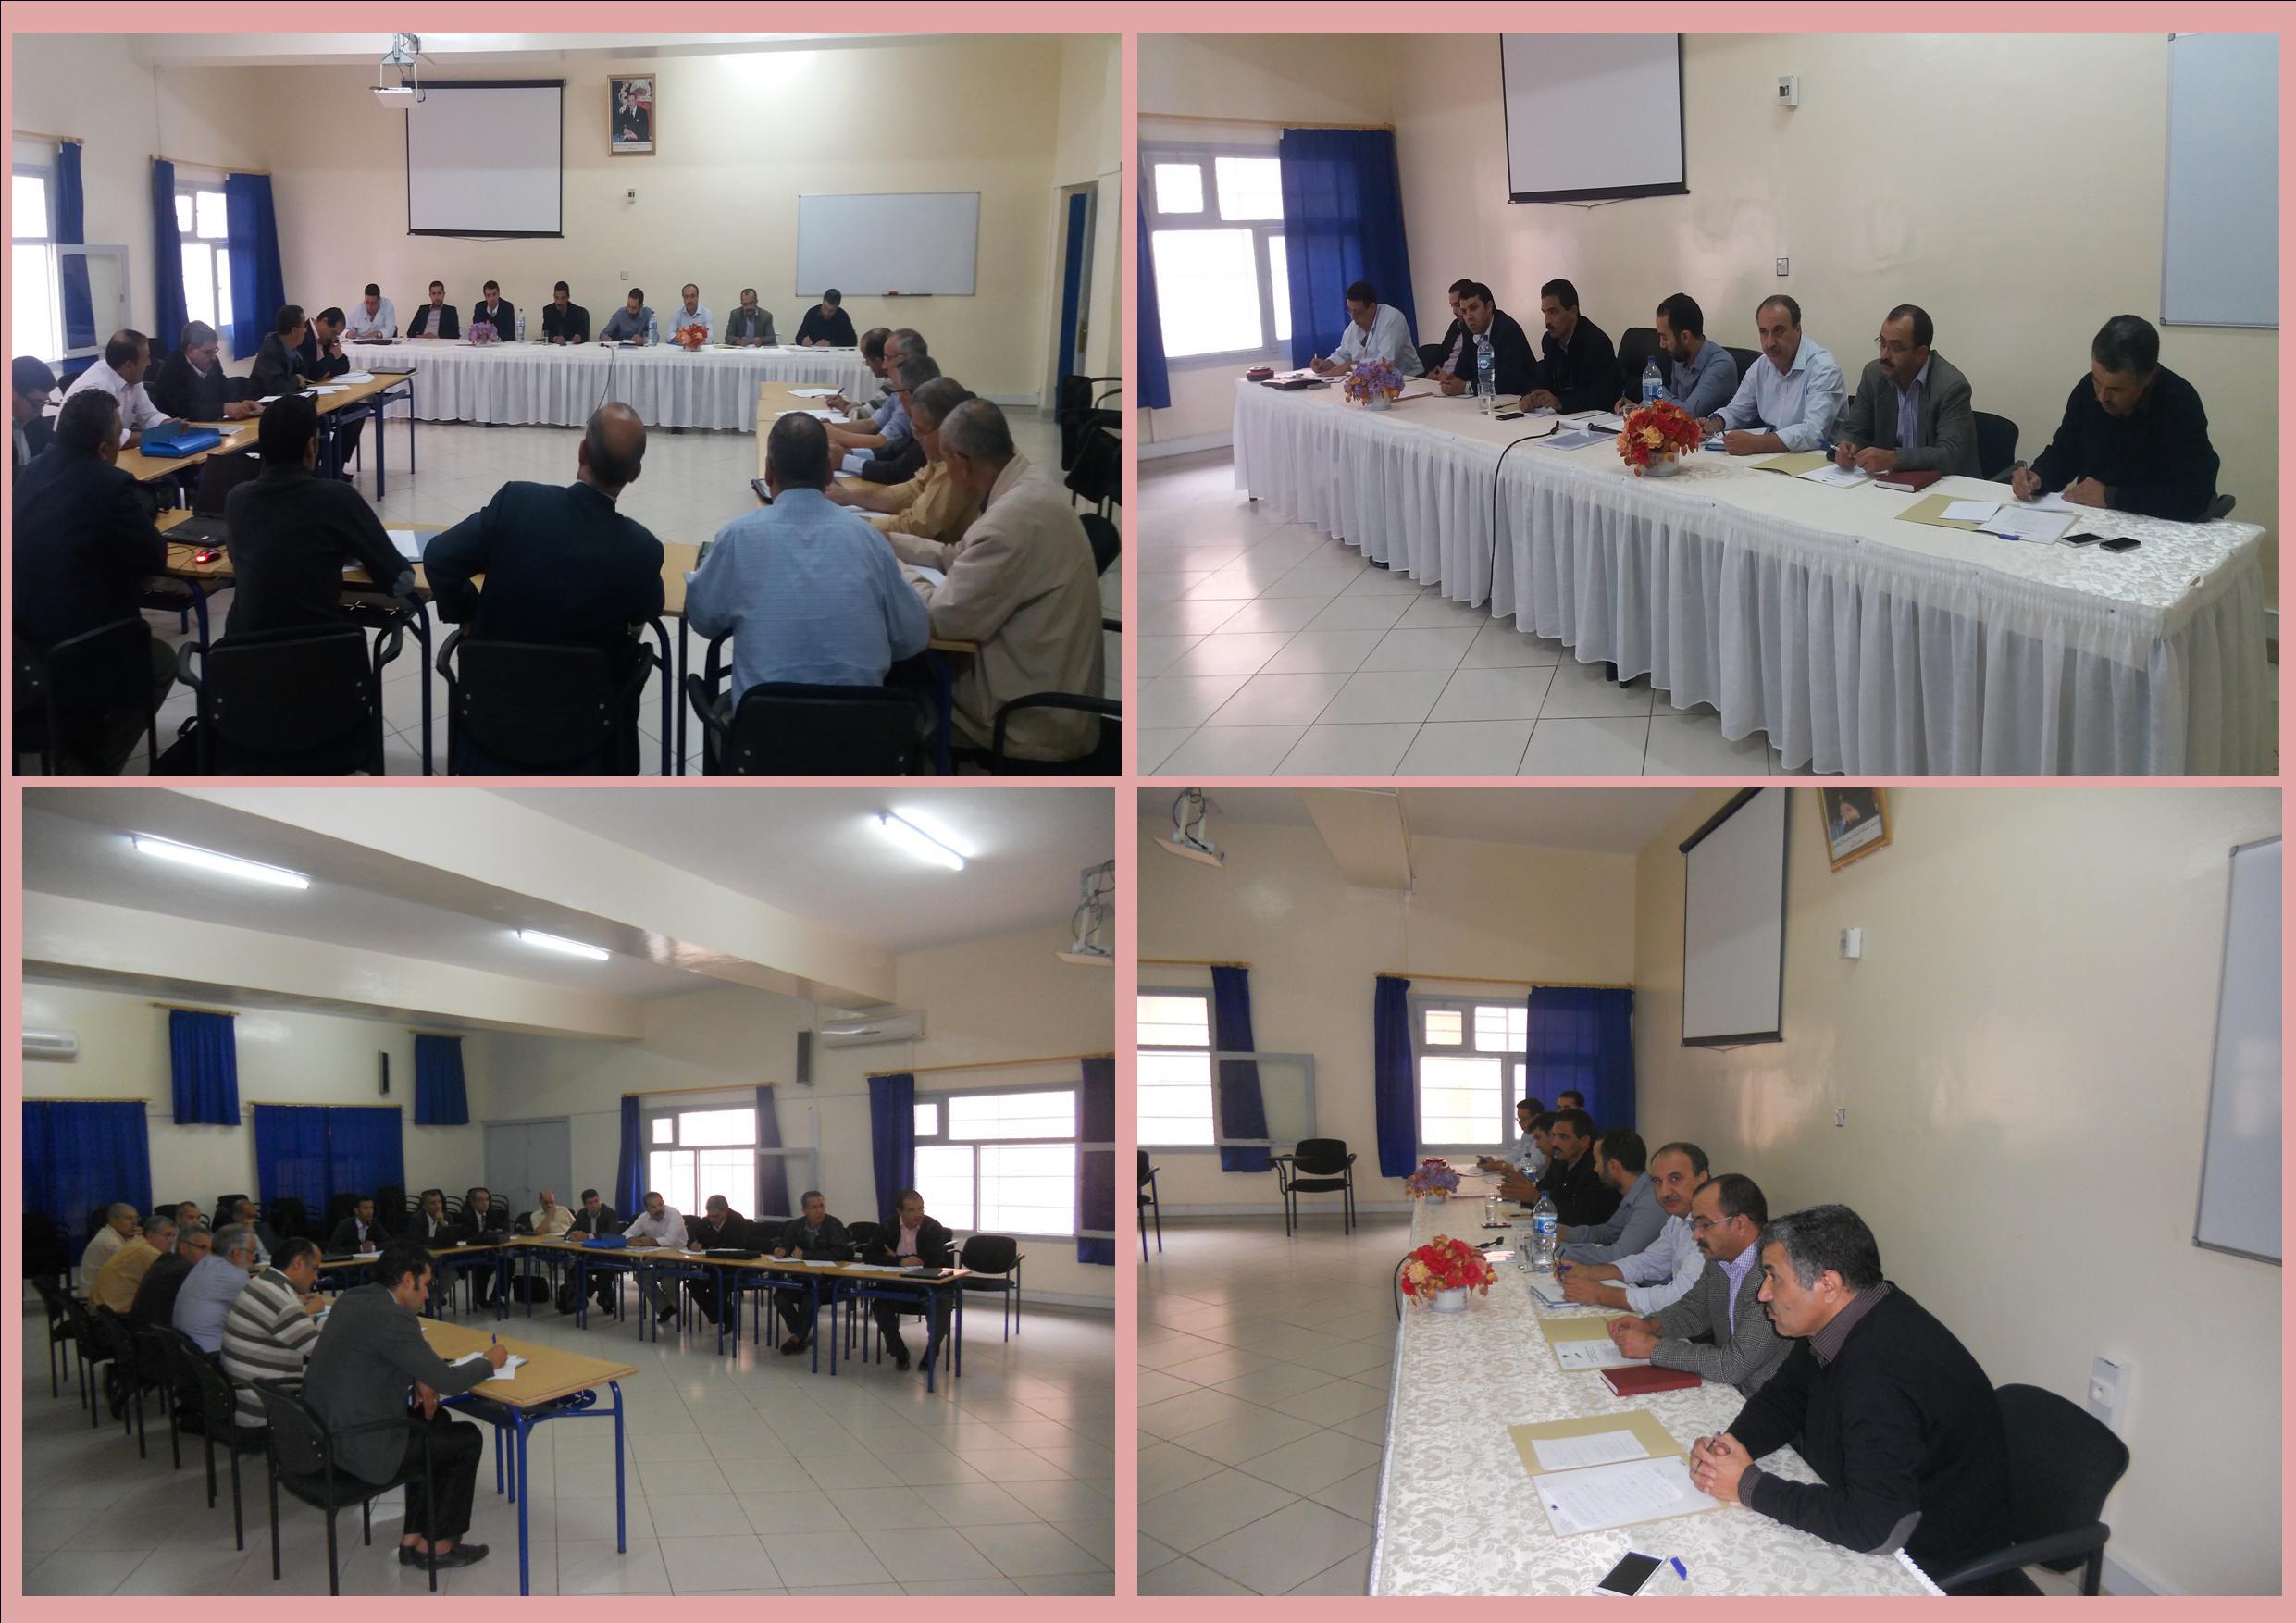 اللجنة الاقليمية لقيادة مشروع المؤسسة بنيابة تيزنيت تعقد اجتماعها الدوري لتقديم حصيلة المصادقة على المشاريع وحصيلة جماعات الممارسات المهنية